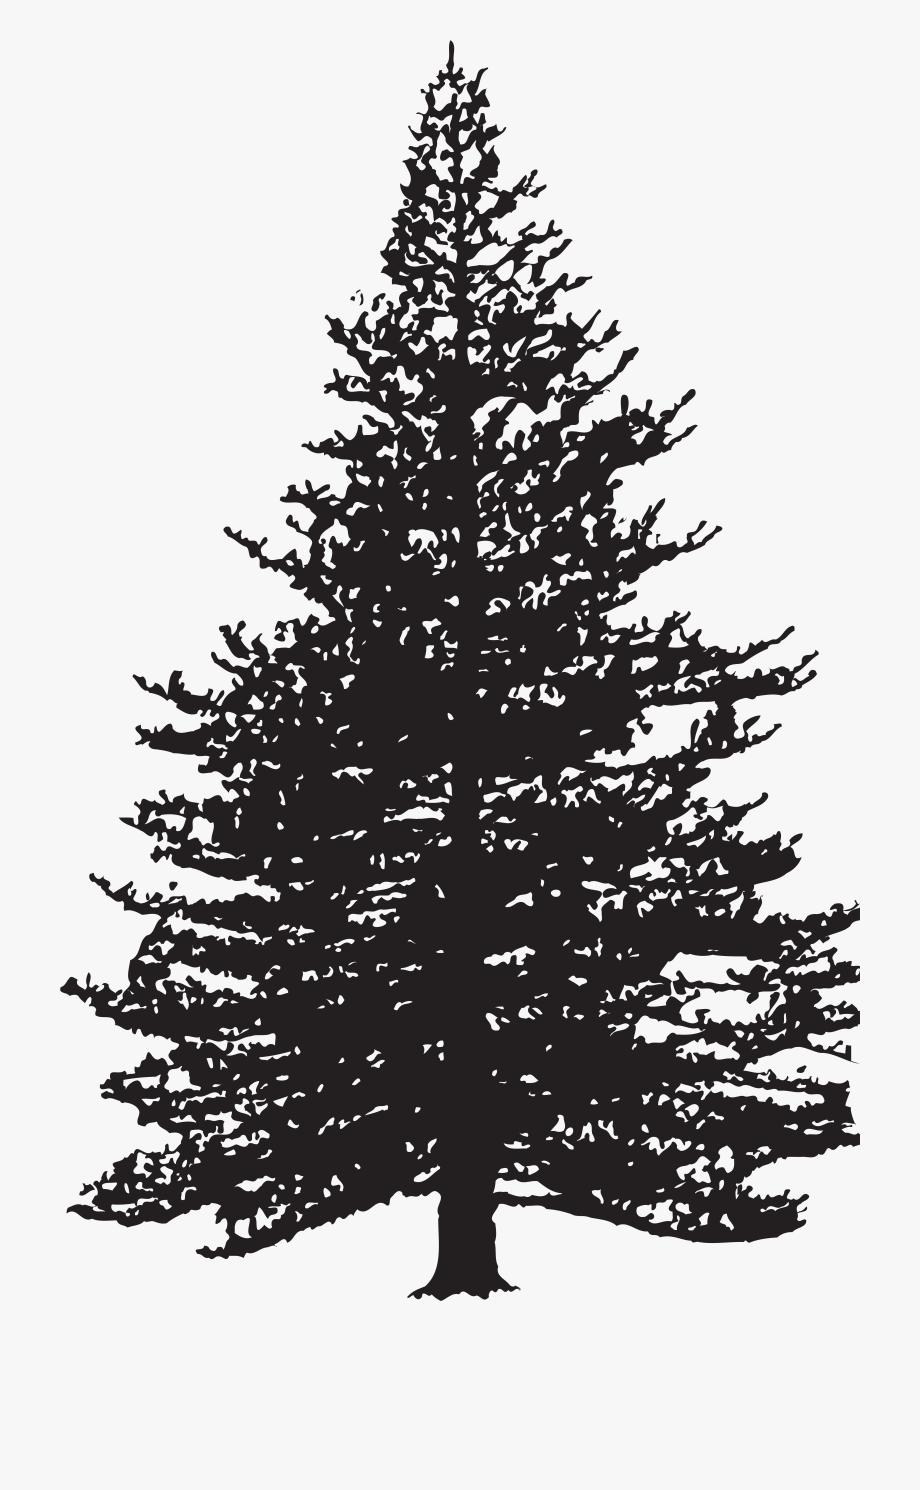 Pine tree silhouette.